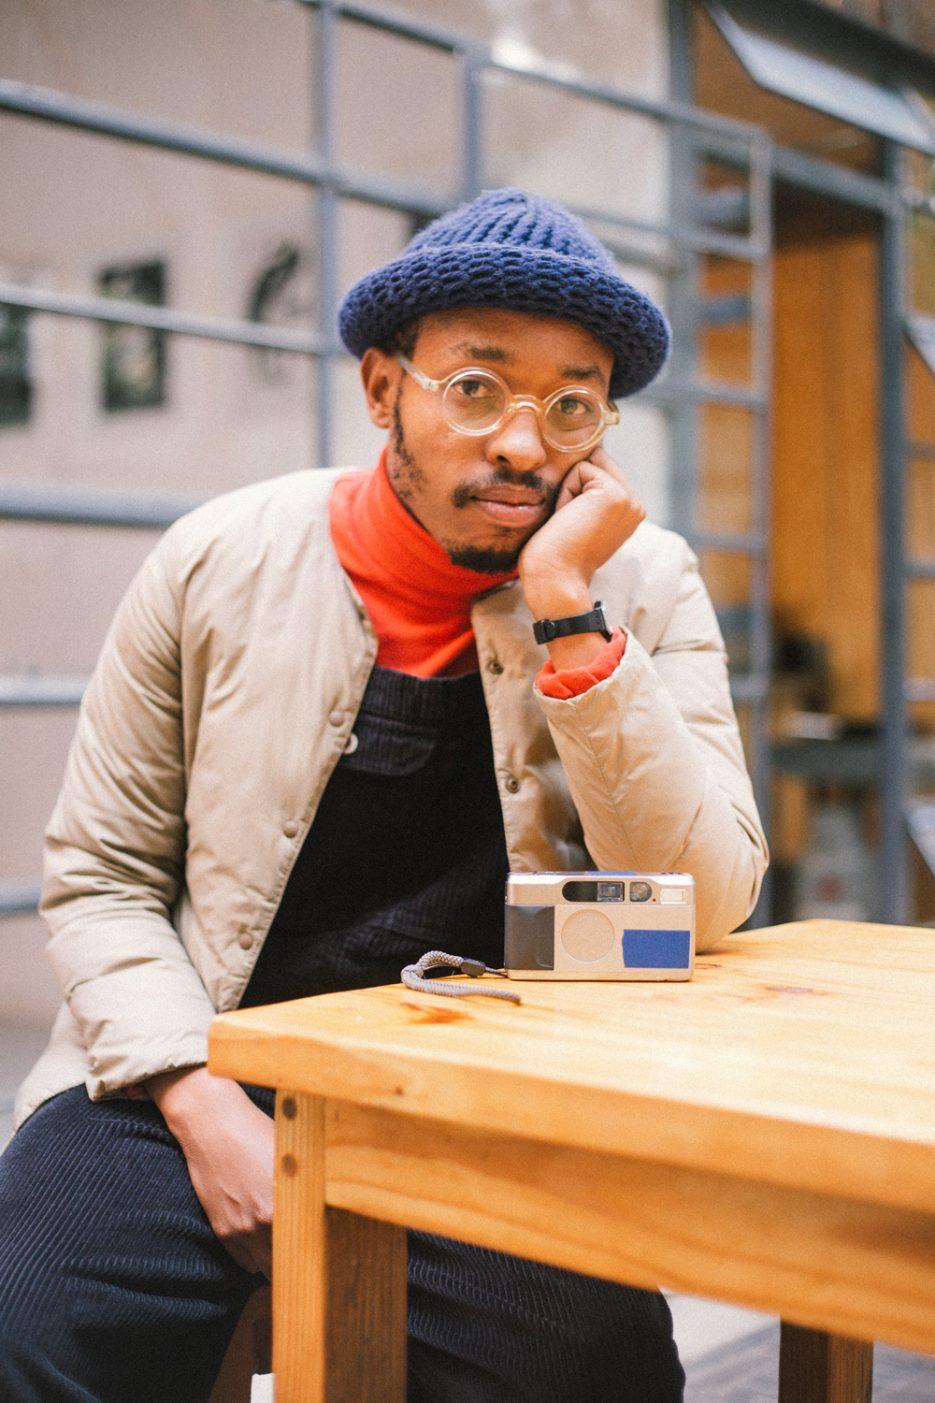 Photographer Andile Buka. Image by Khotso Tsagaane.